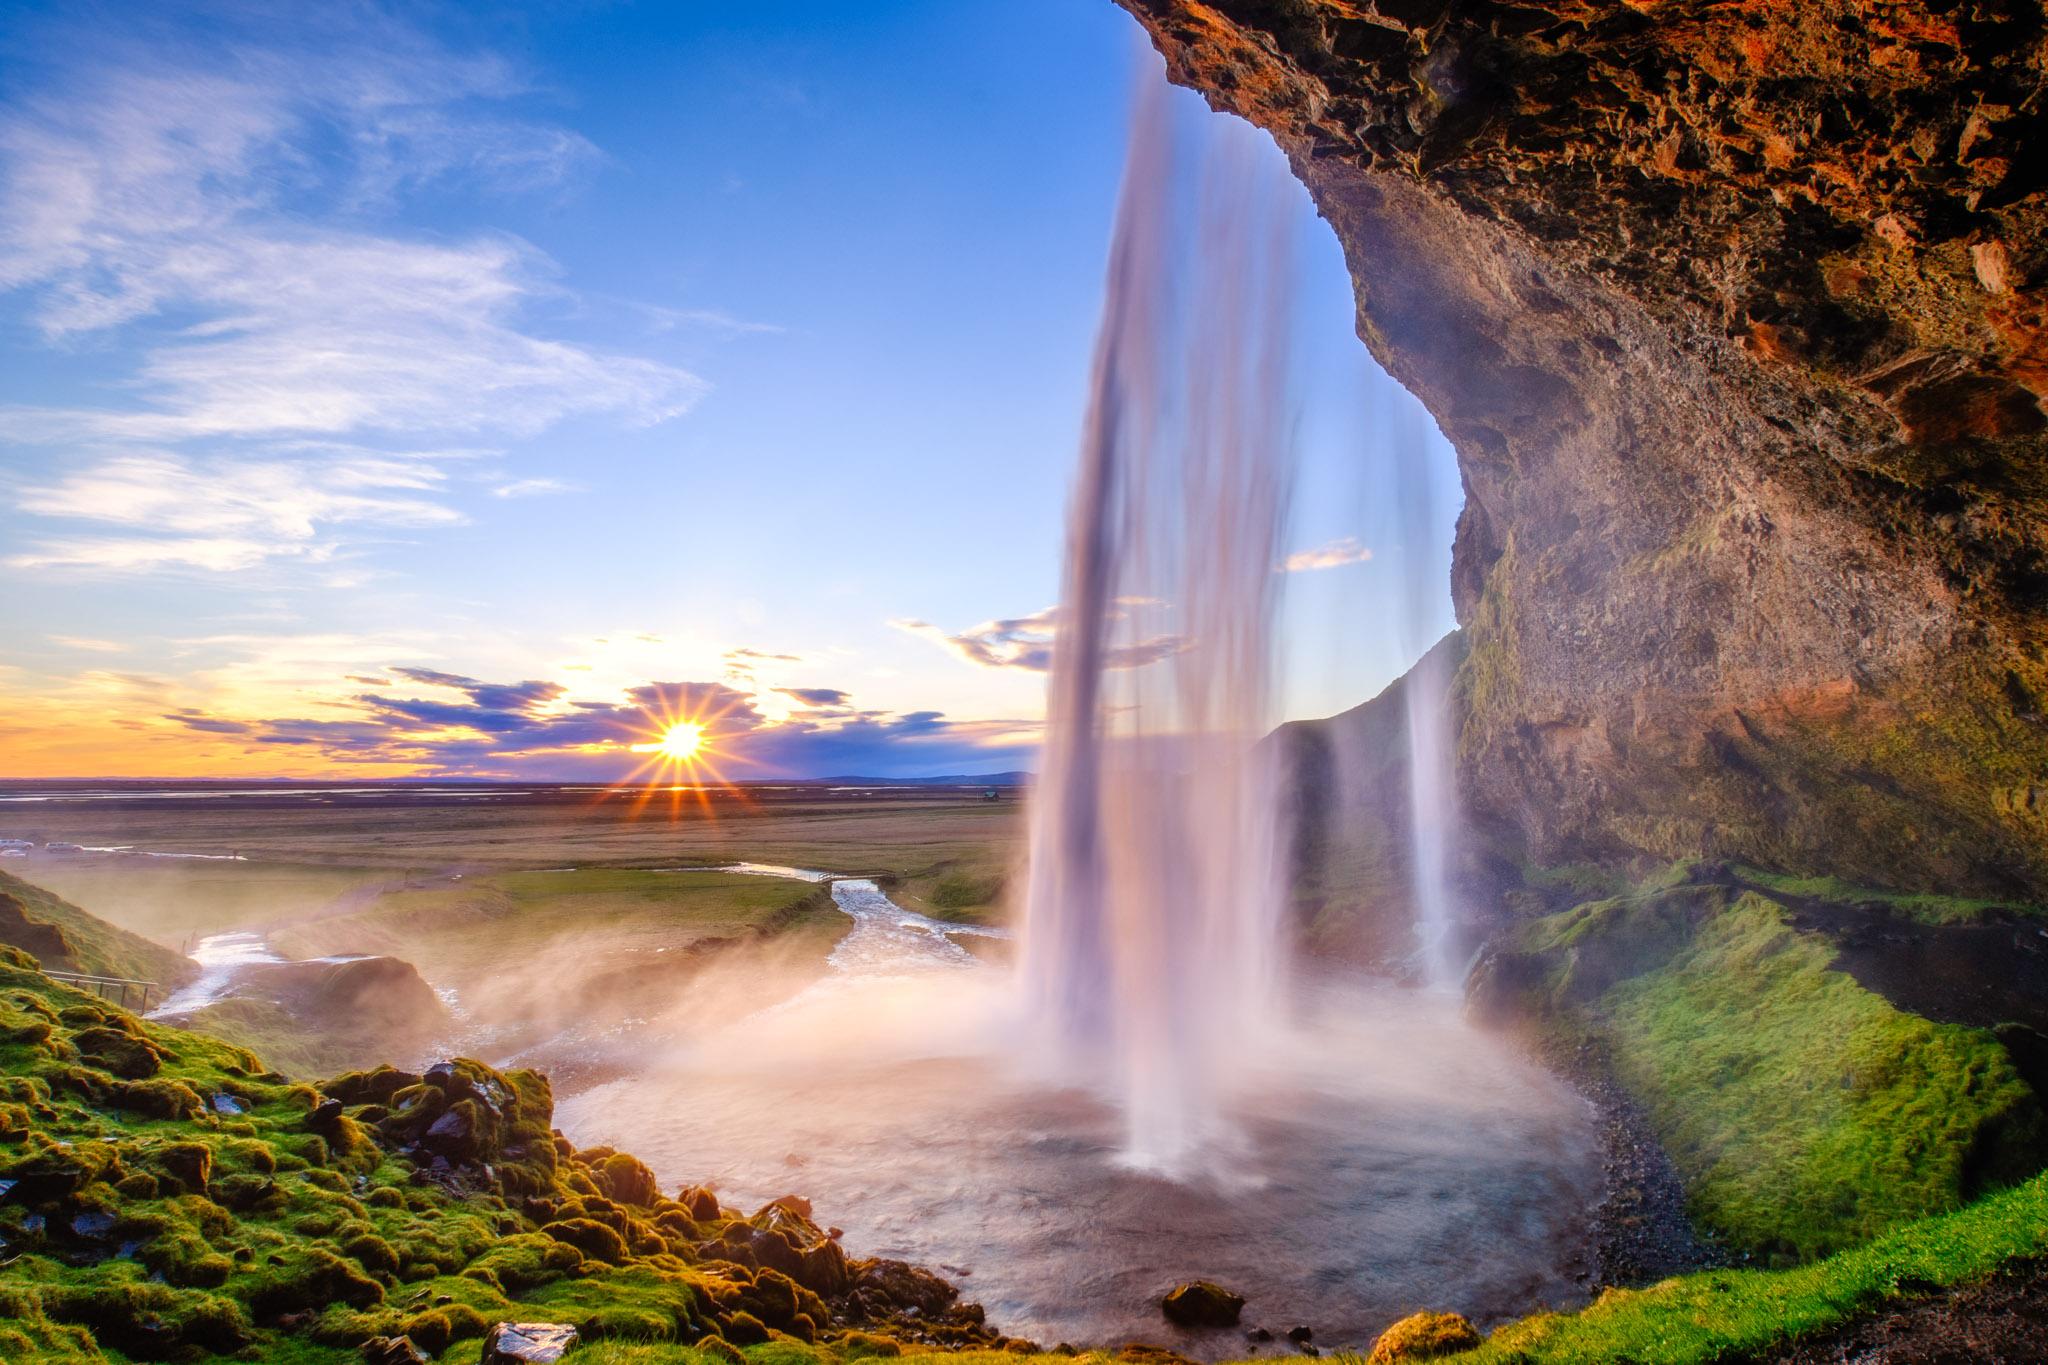 Ảnh thác nước đẹp, hấp dẫn nhất